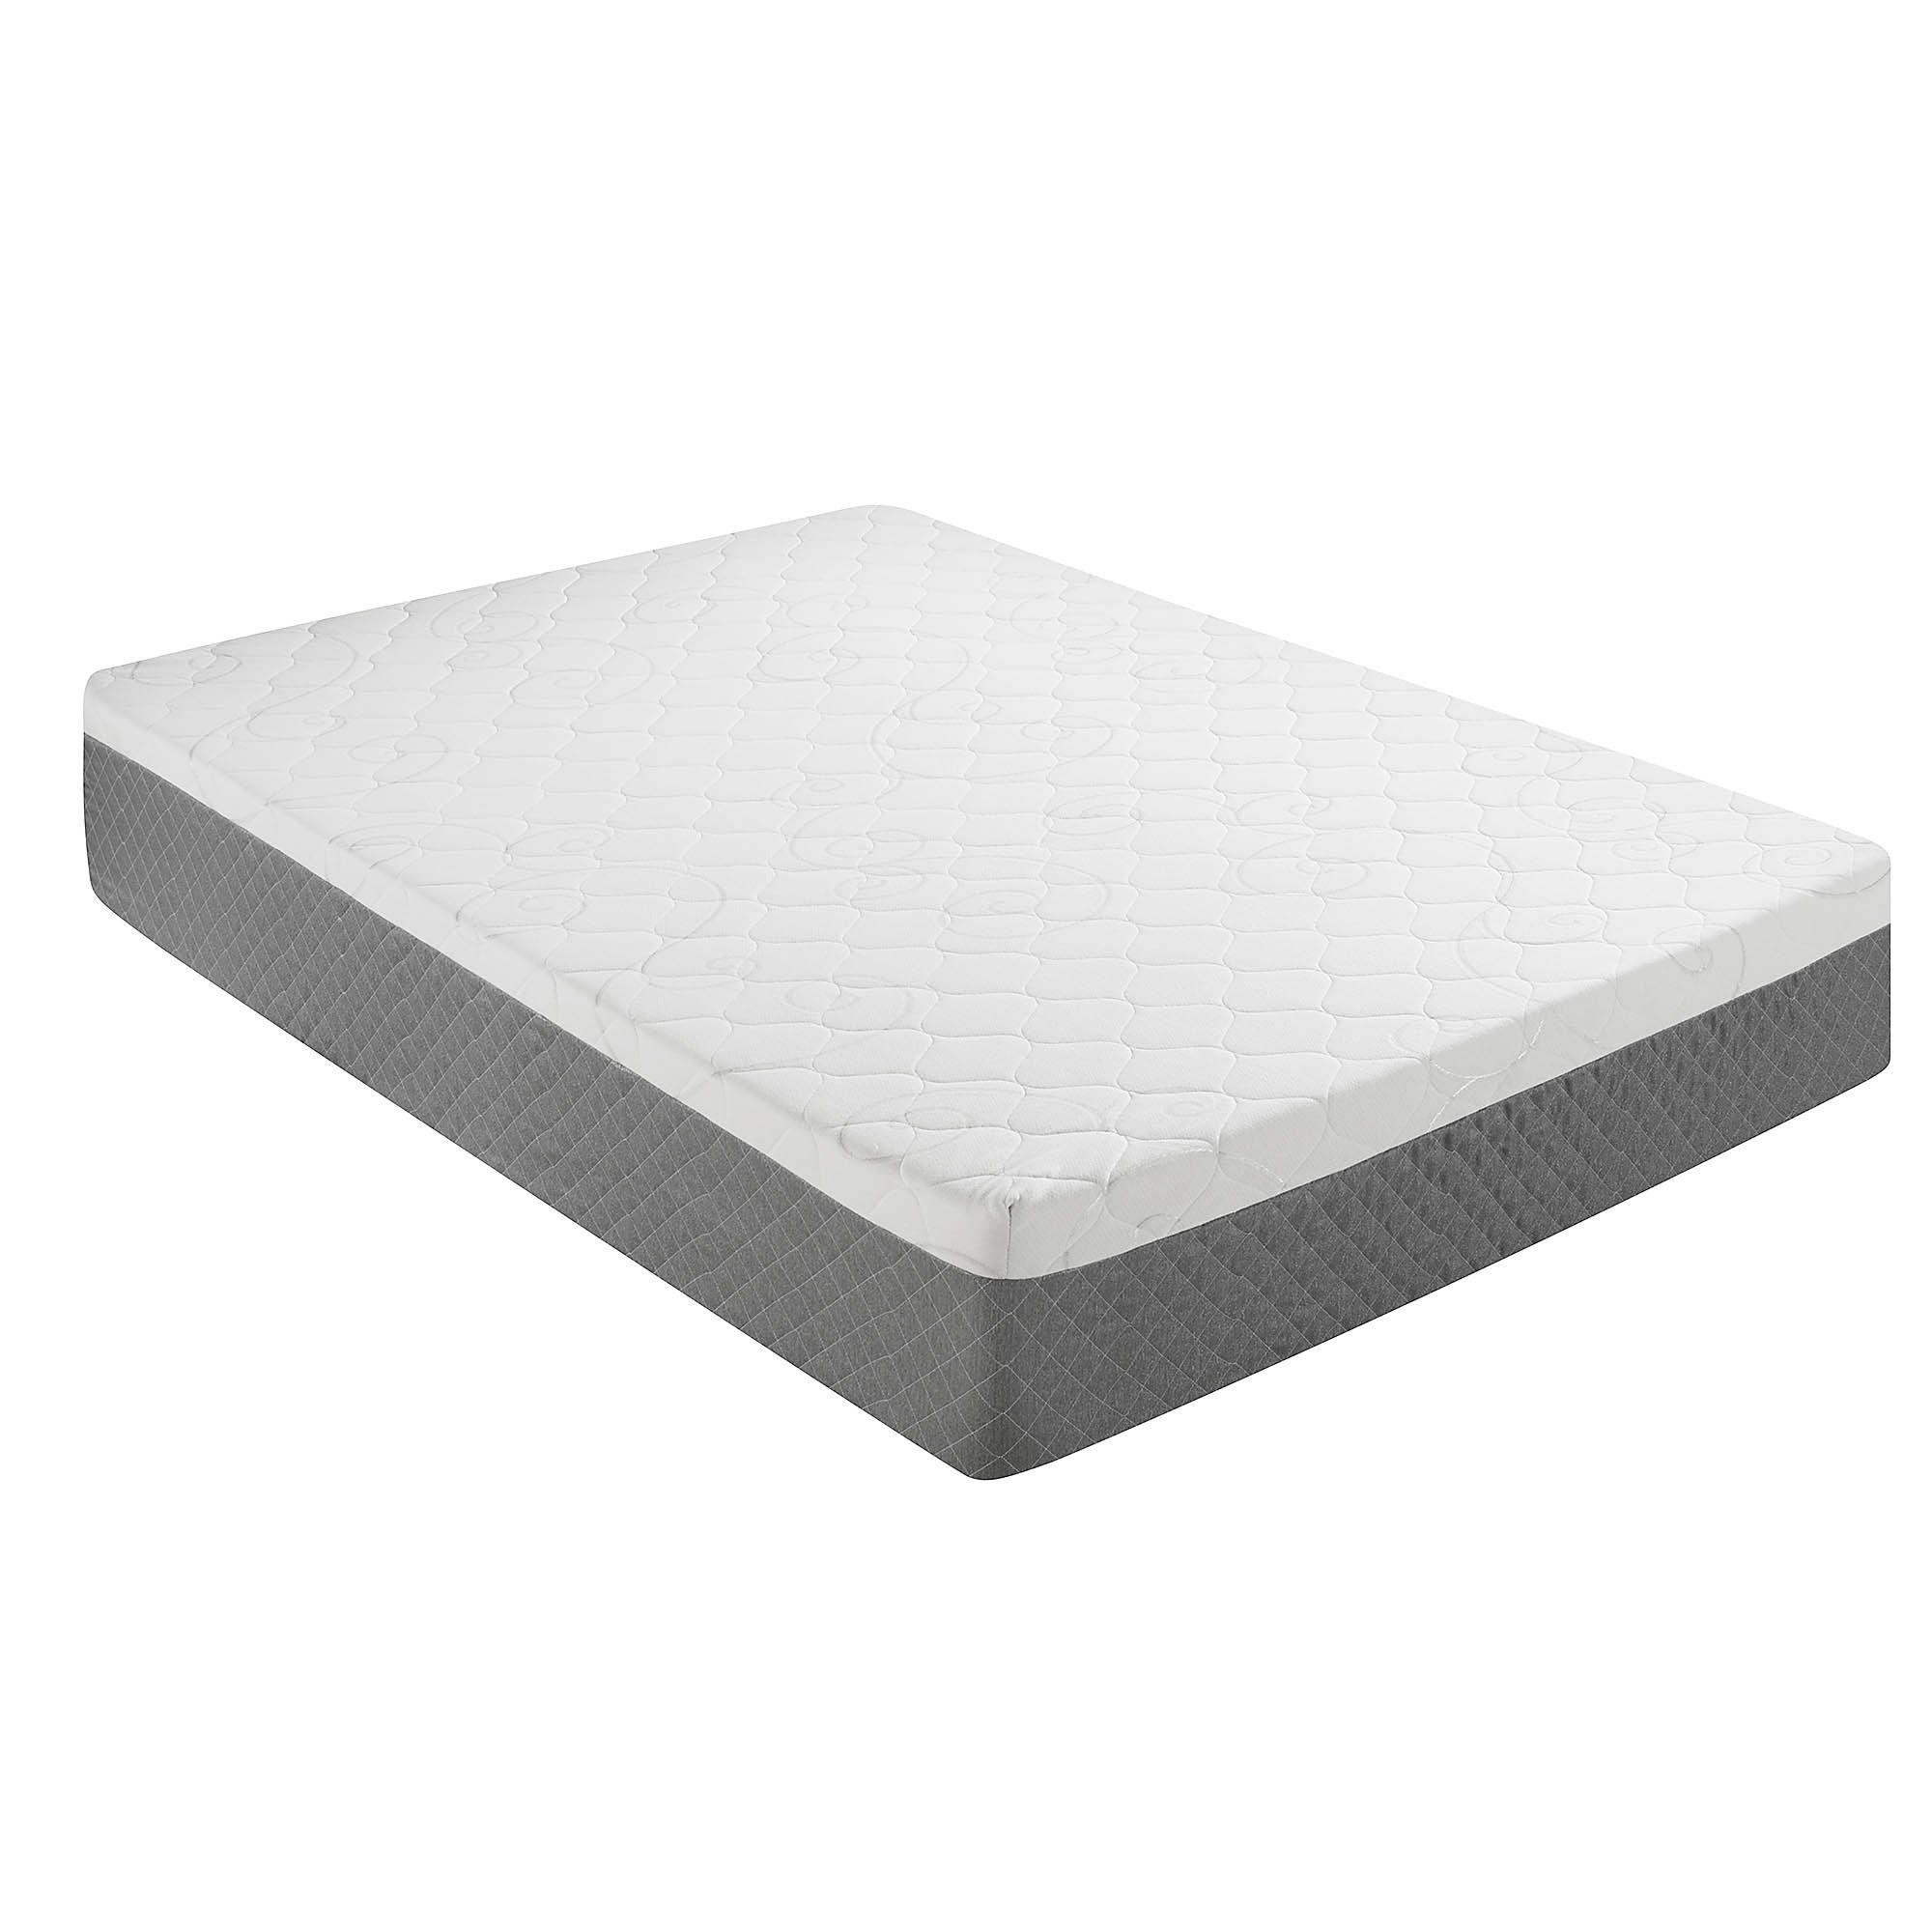 Amazon Com Sleep Innovations 12 Inch Gel Swirl Memory Foam Mattress Twin King Memory Foam Mattress Reviews Mattress Memory Foam Mattress Cool gel memory foam queen mattress